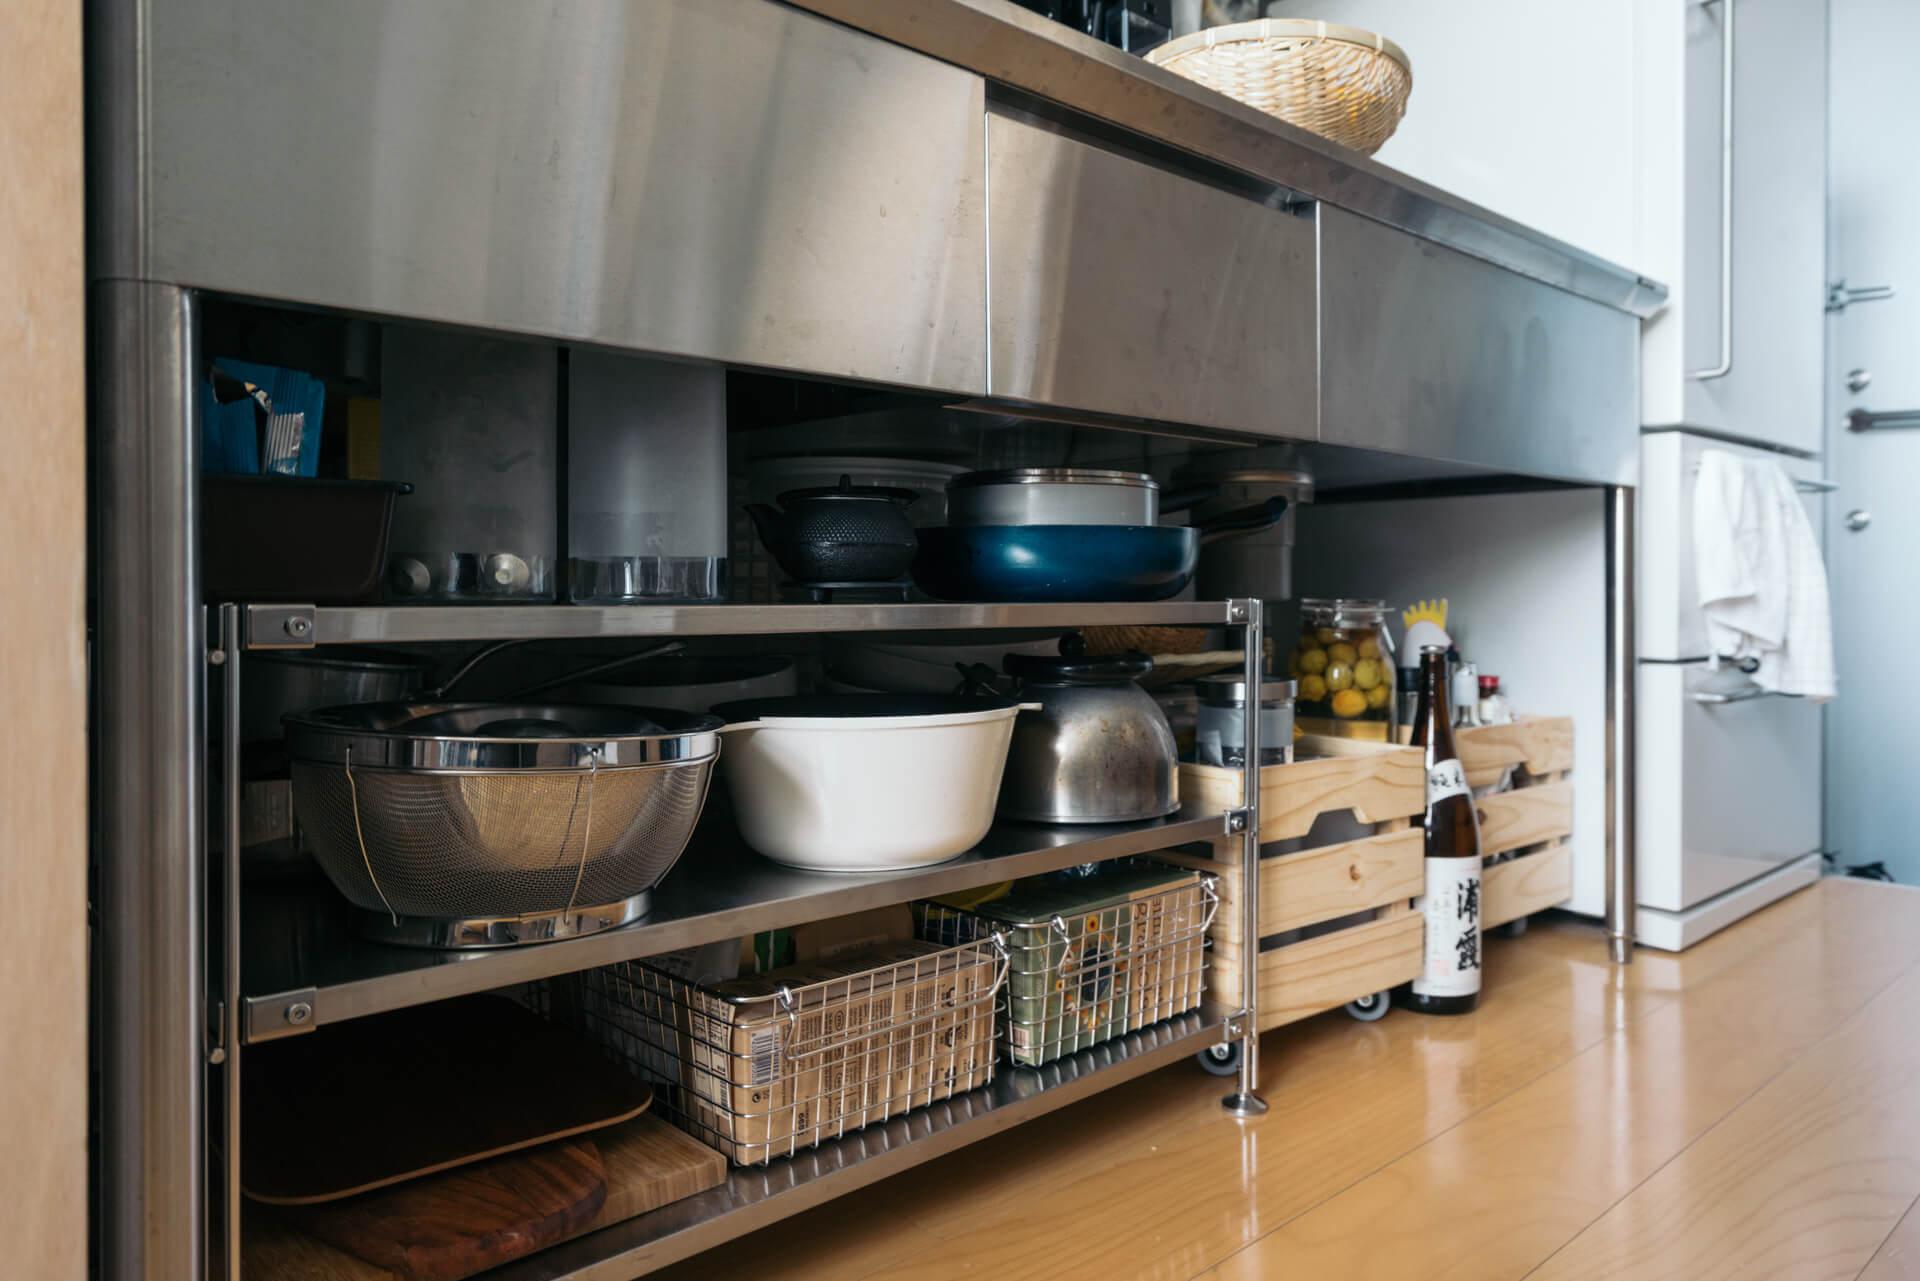 シンク下はオープン収納。ステンレスのキッチンに合わせて、棚もステンレス。そこに木の素材をあわせておしゃれに。